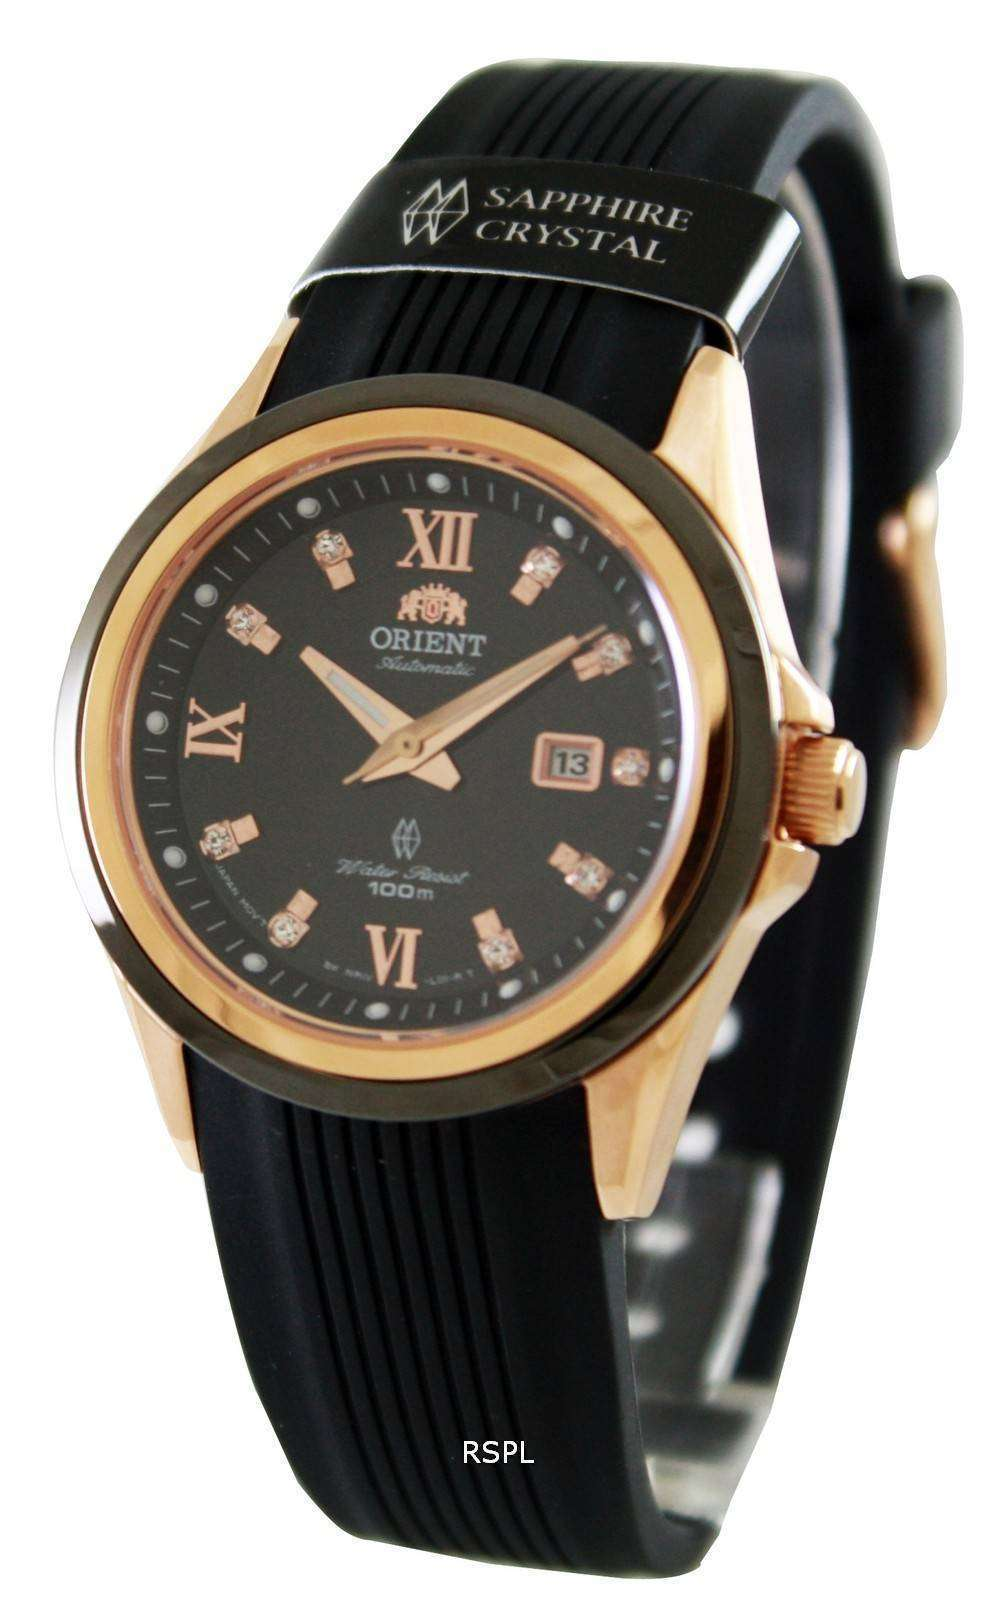 スポーティな自動 NR1V001B レディース腕時計をオリエントします。